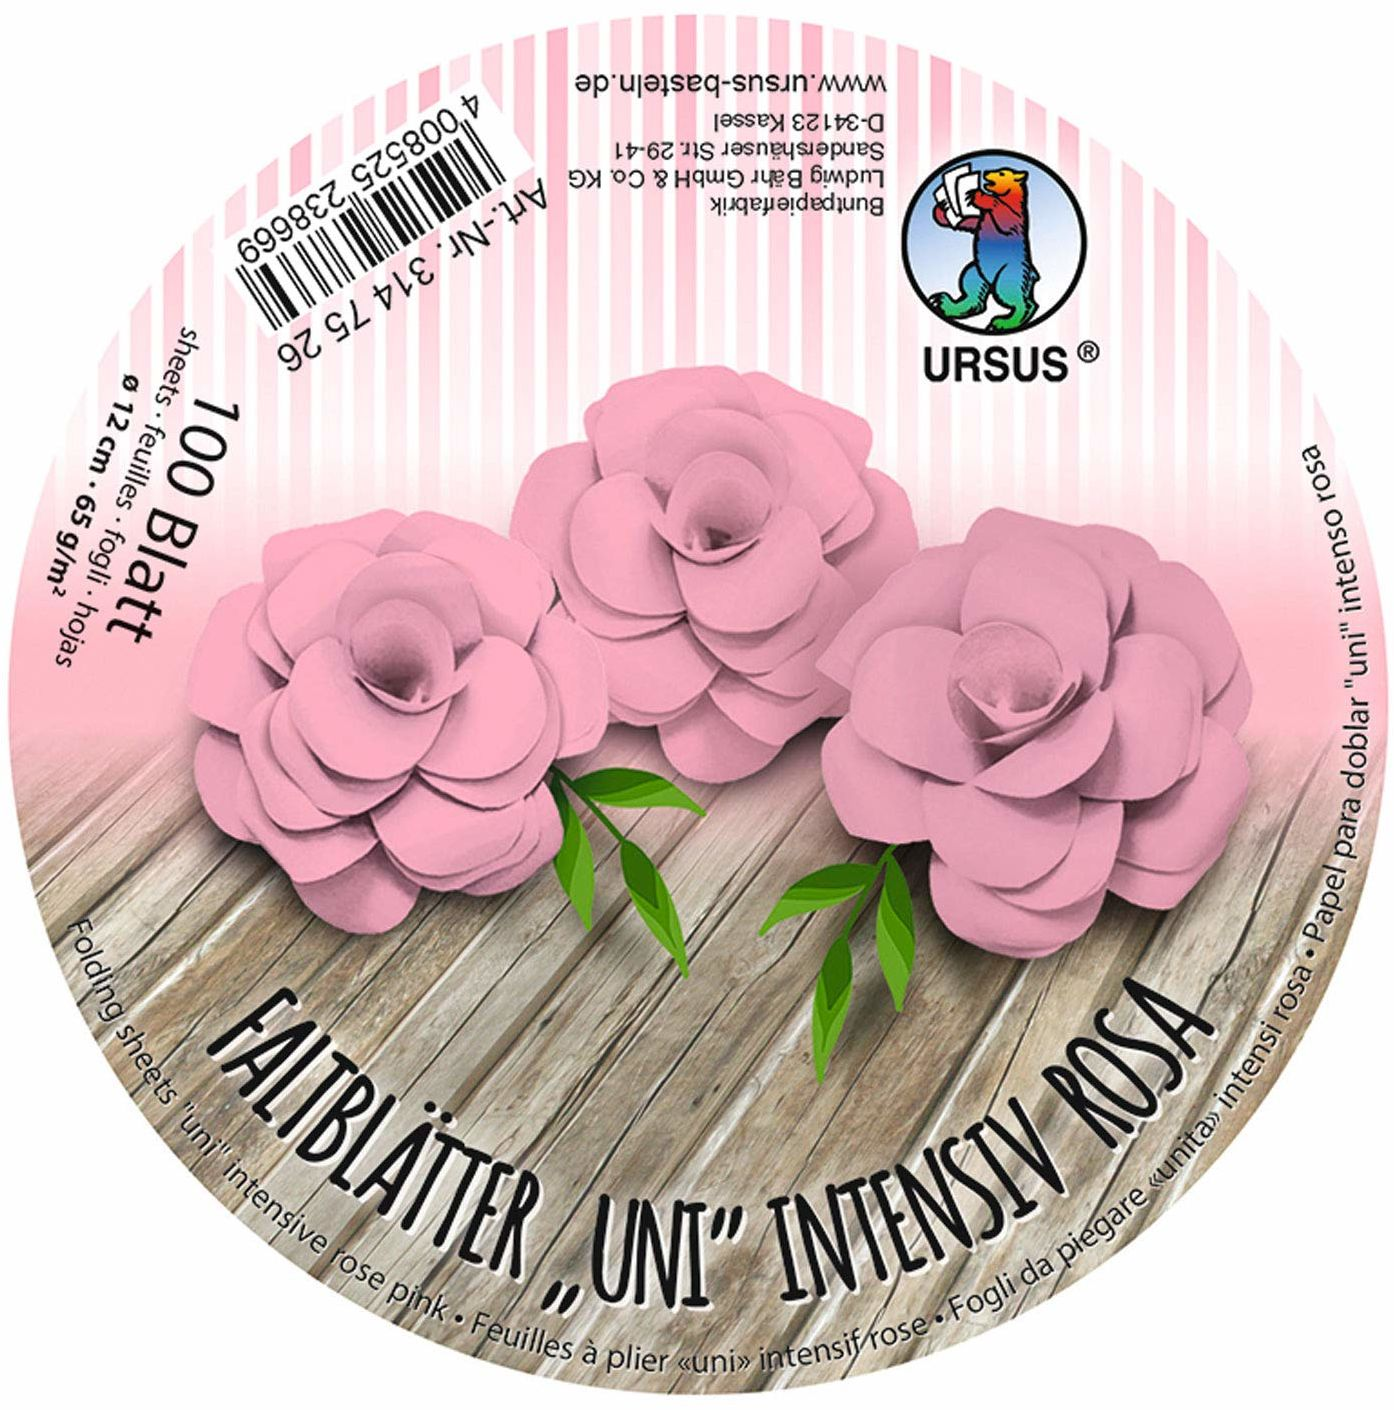 URSUS 3147526 arkusze harmonijkowe, okrągłe, o intensywnym różu, z papieru plakatowego, barwionego na masie, 100 arkuszy 65 g/m , średnica 12 cm, idealne do składania papierowych kwiatów i kwiatów